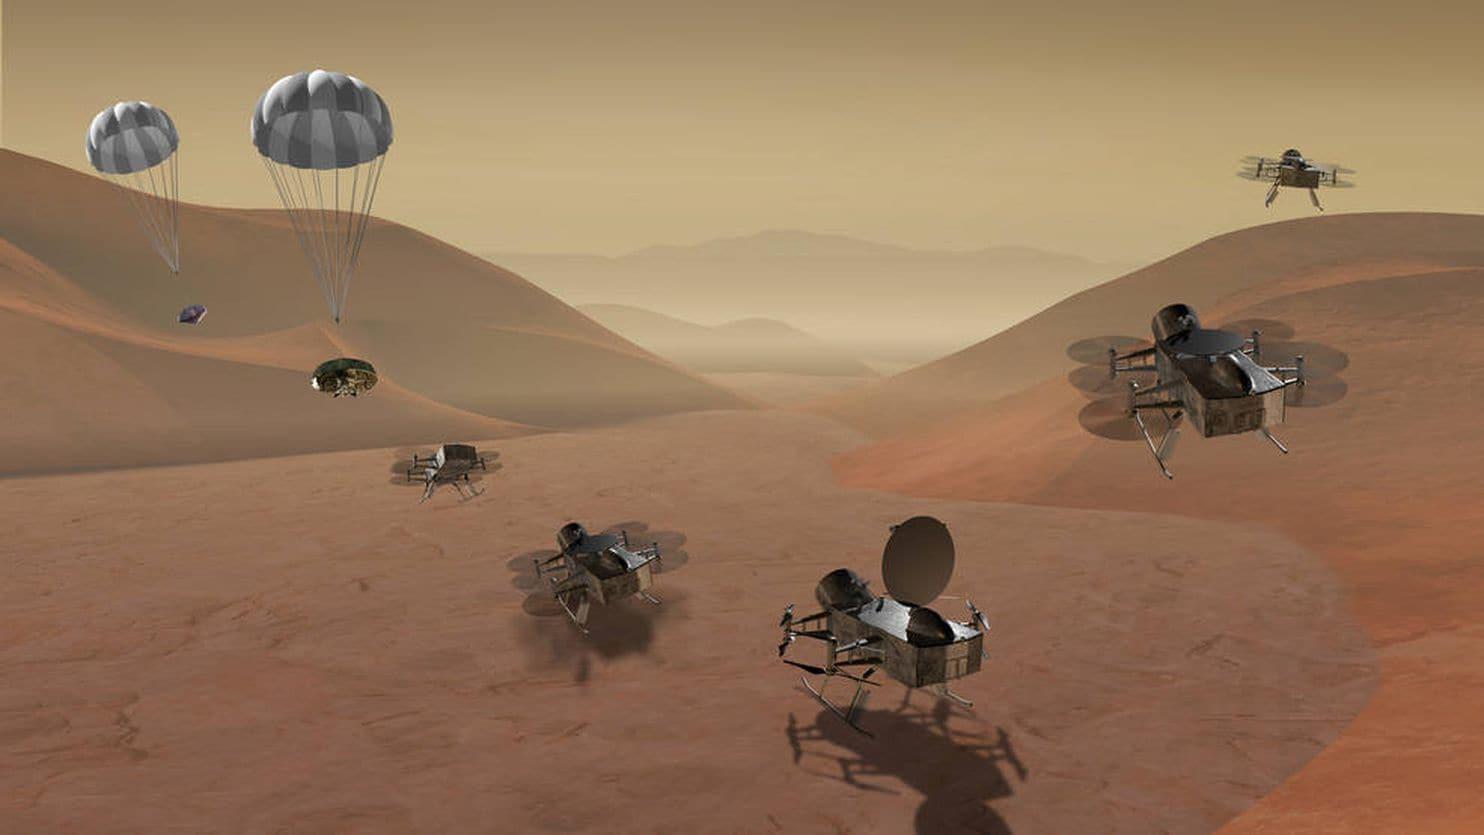 НАСА разрабатывает проект «стрекозы» для обследования Титана - 1